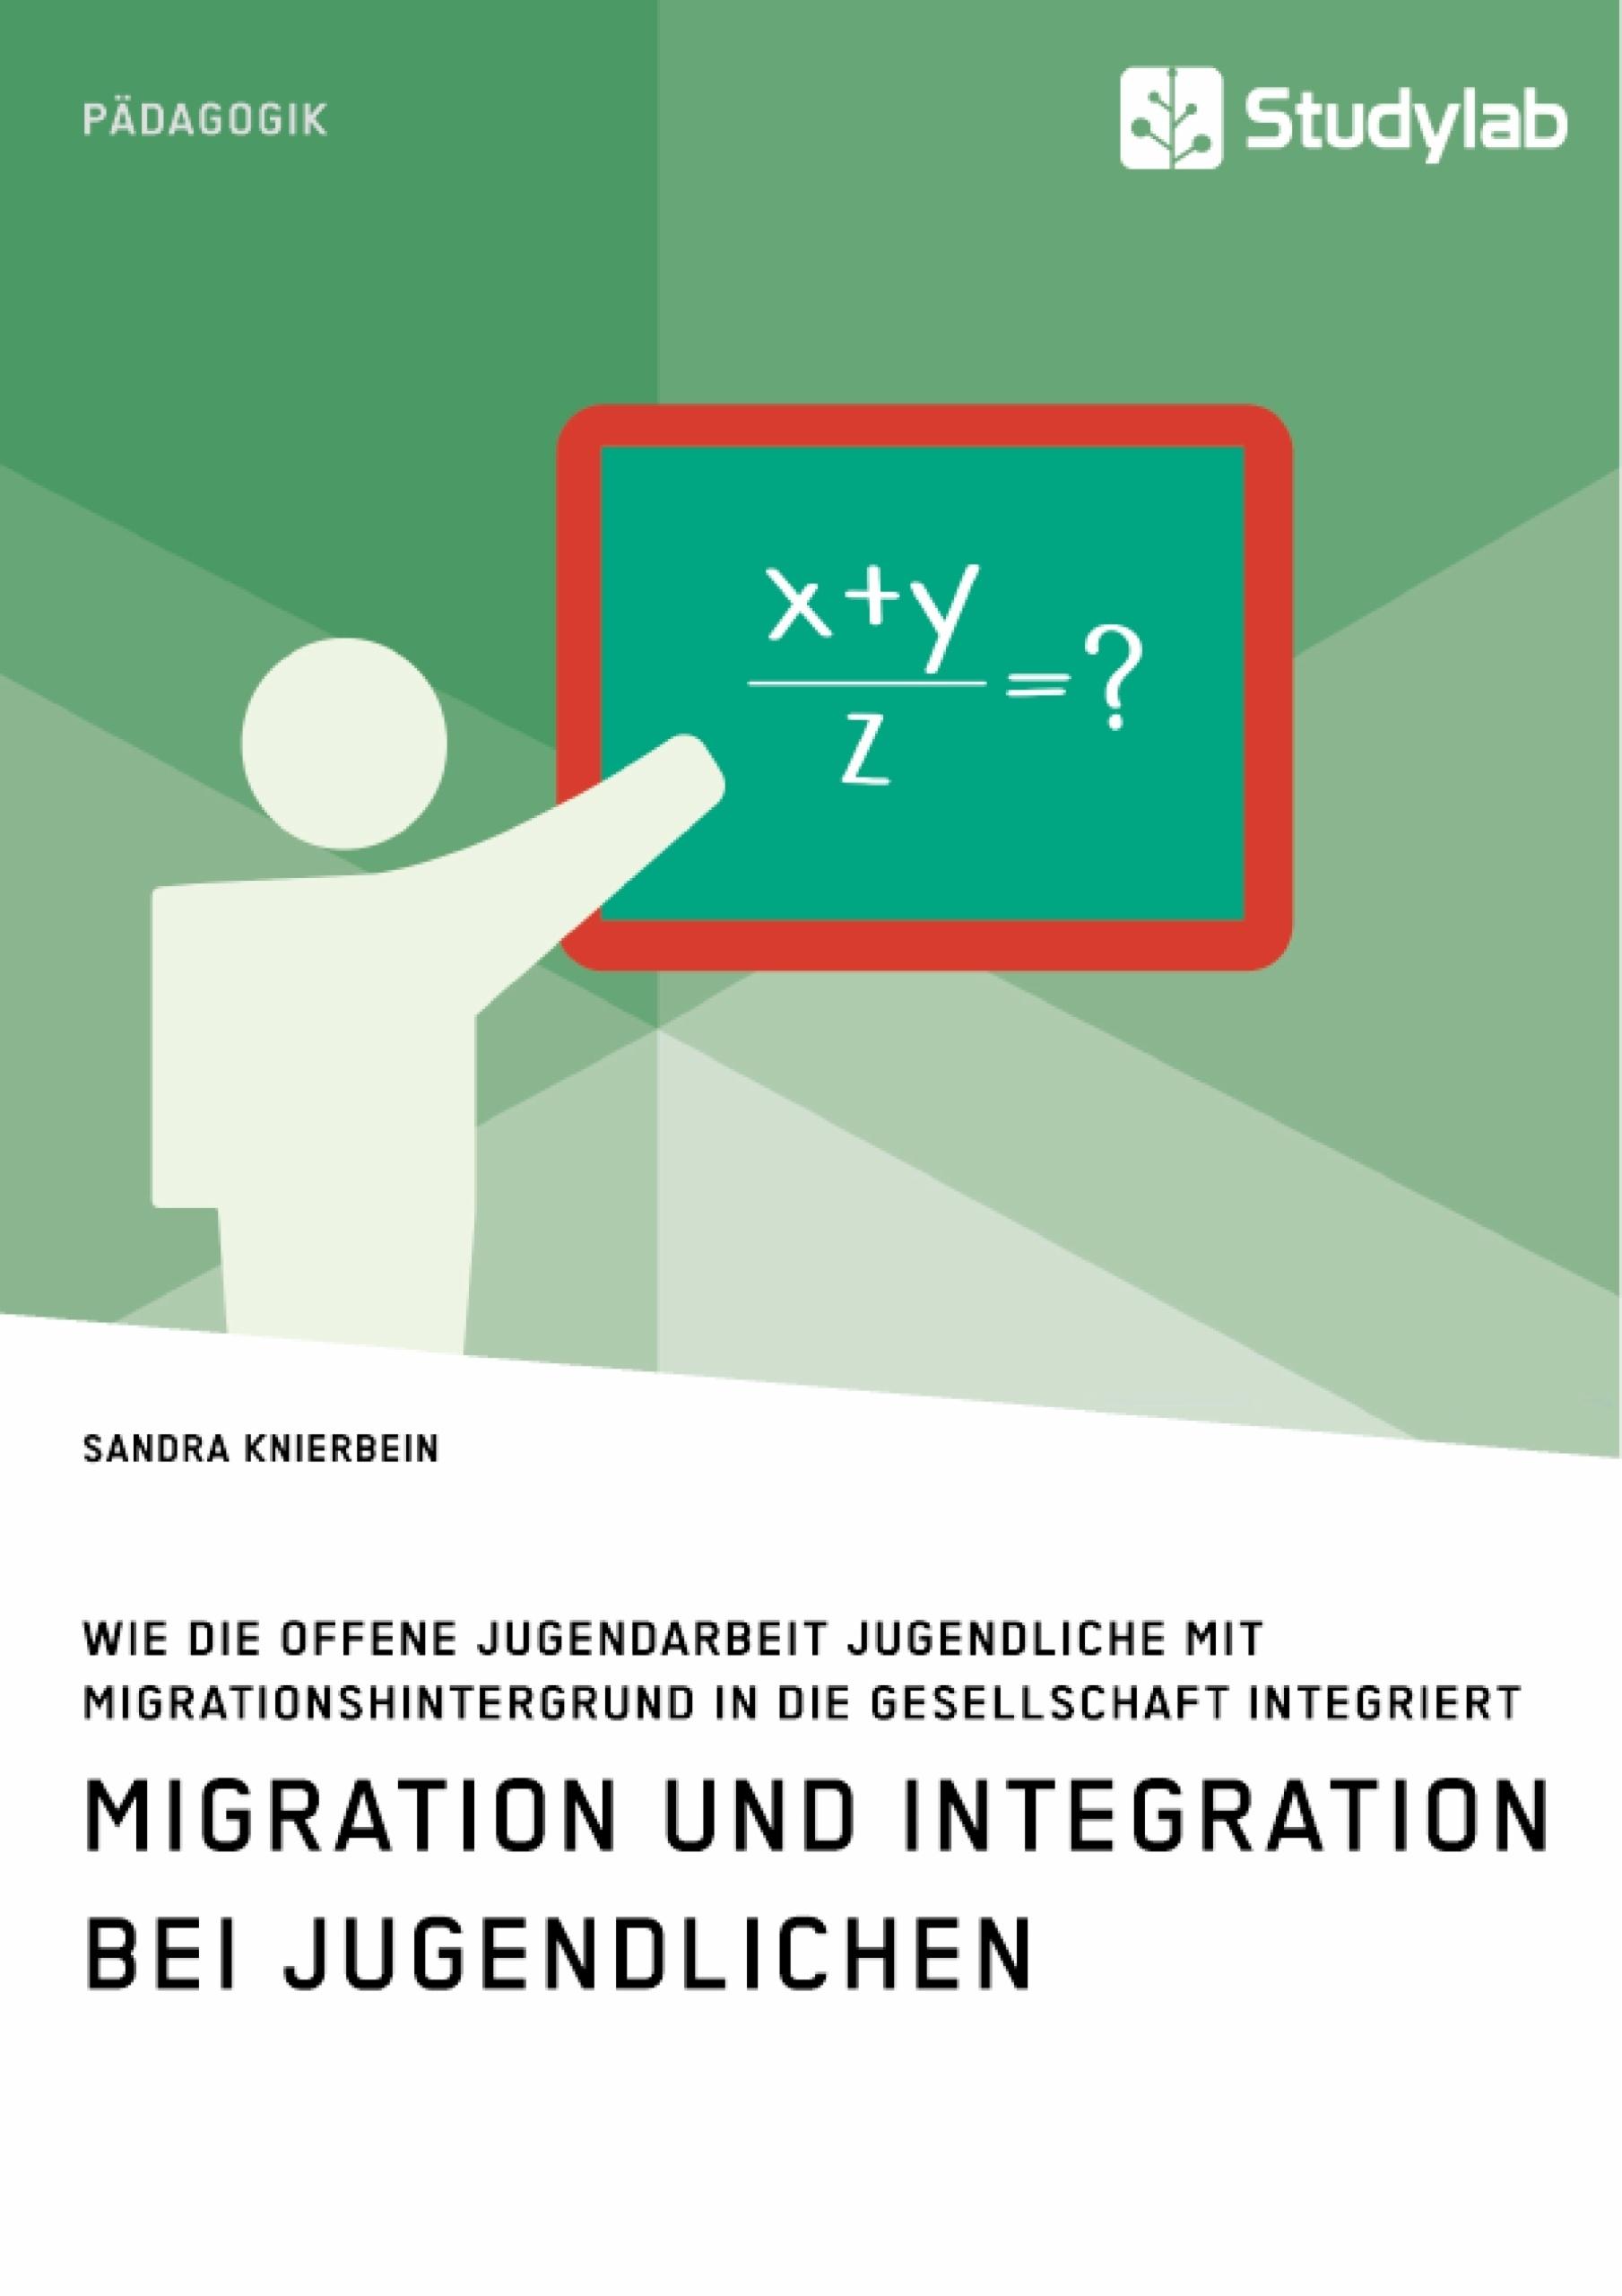 Titel: Migration und Integration bei Jugendlichen. Wie die Offene Jugendarbeit Jugendliche mit Migrationshintergrund in die Gesellschaft integriert